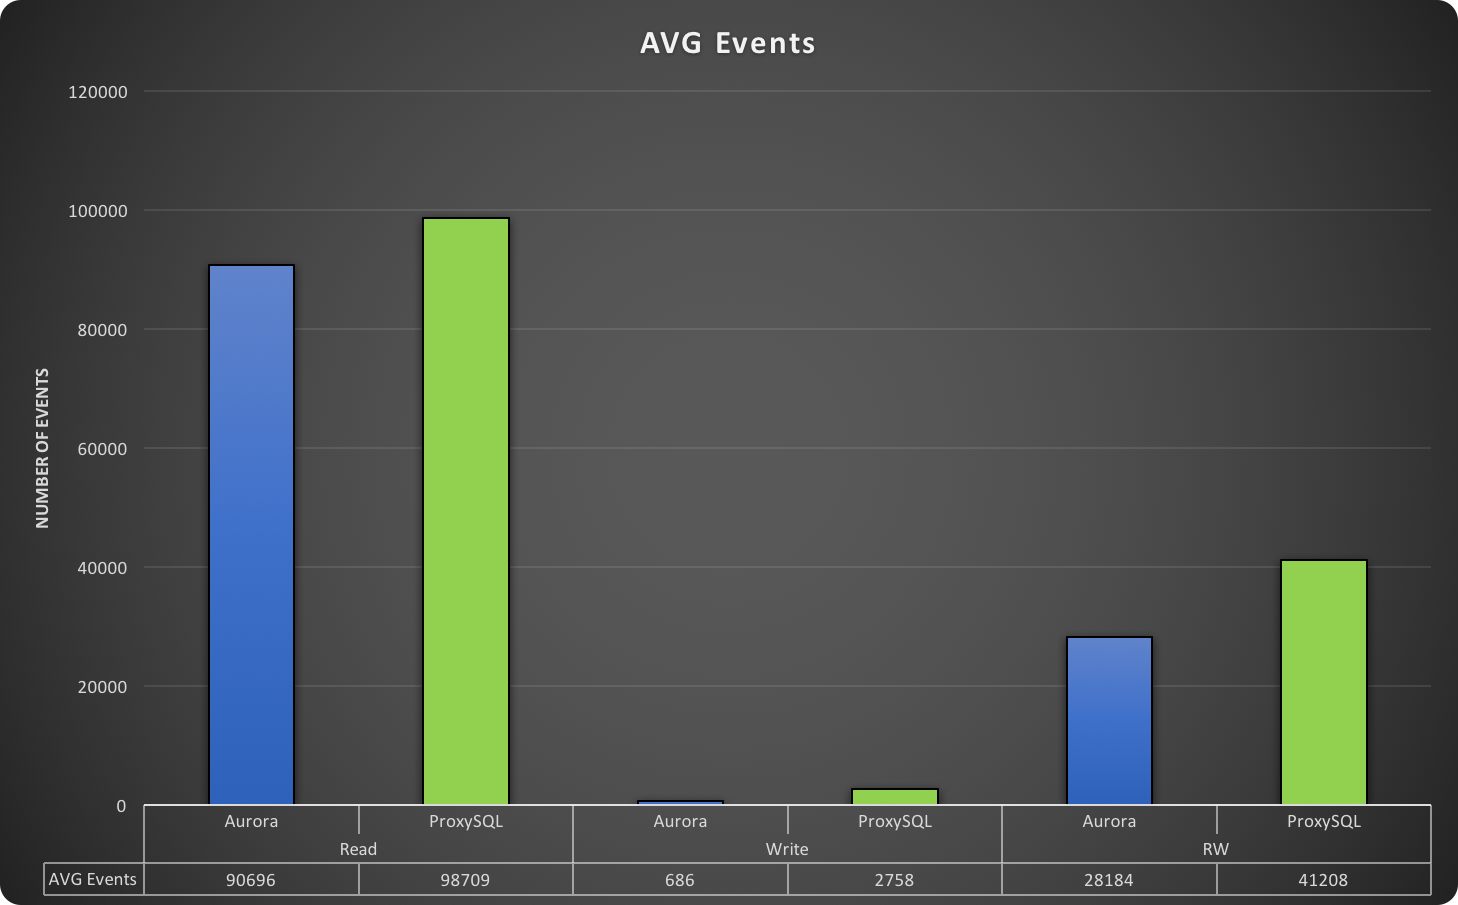 app_evnts_summary